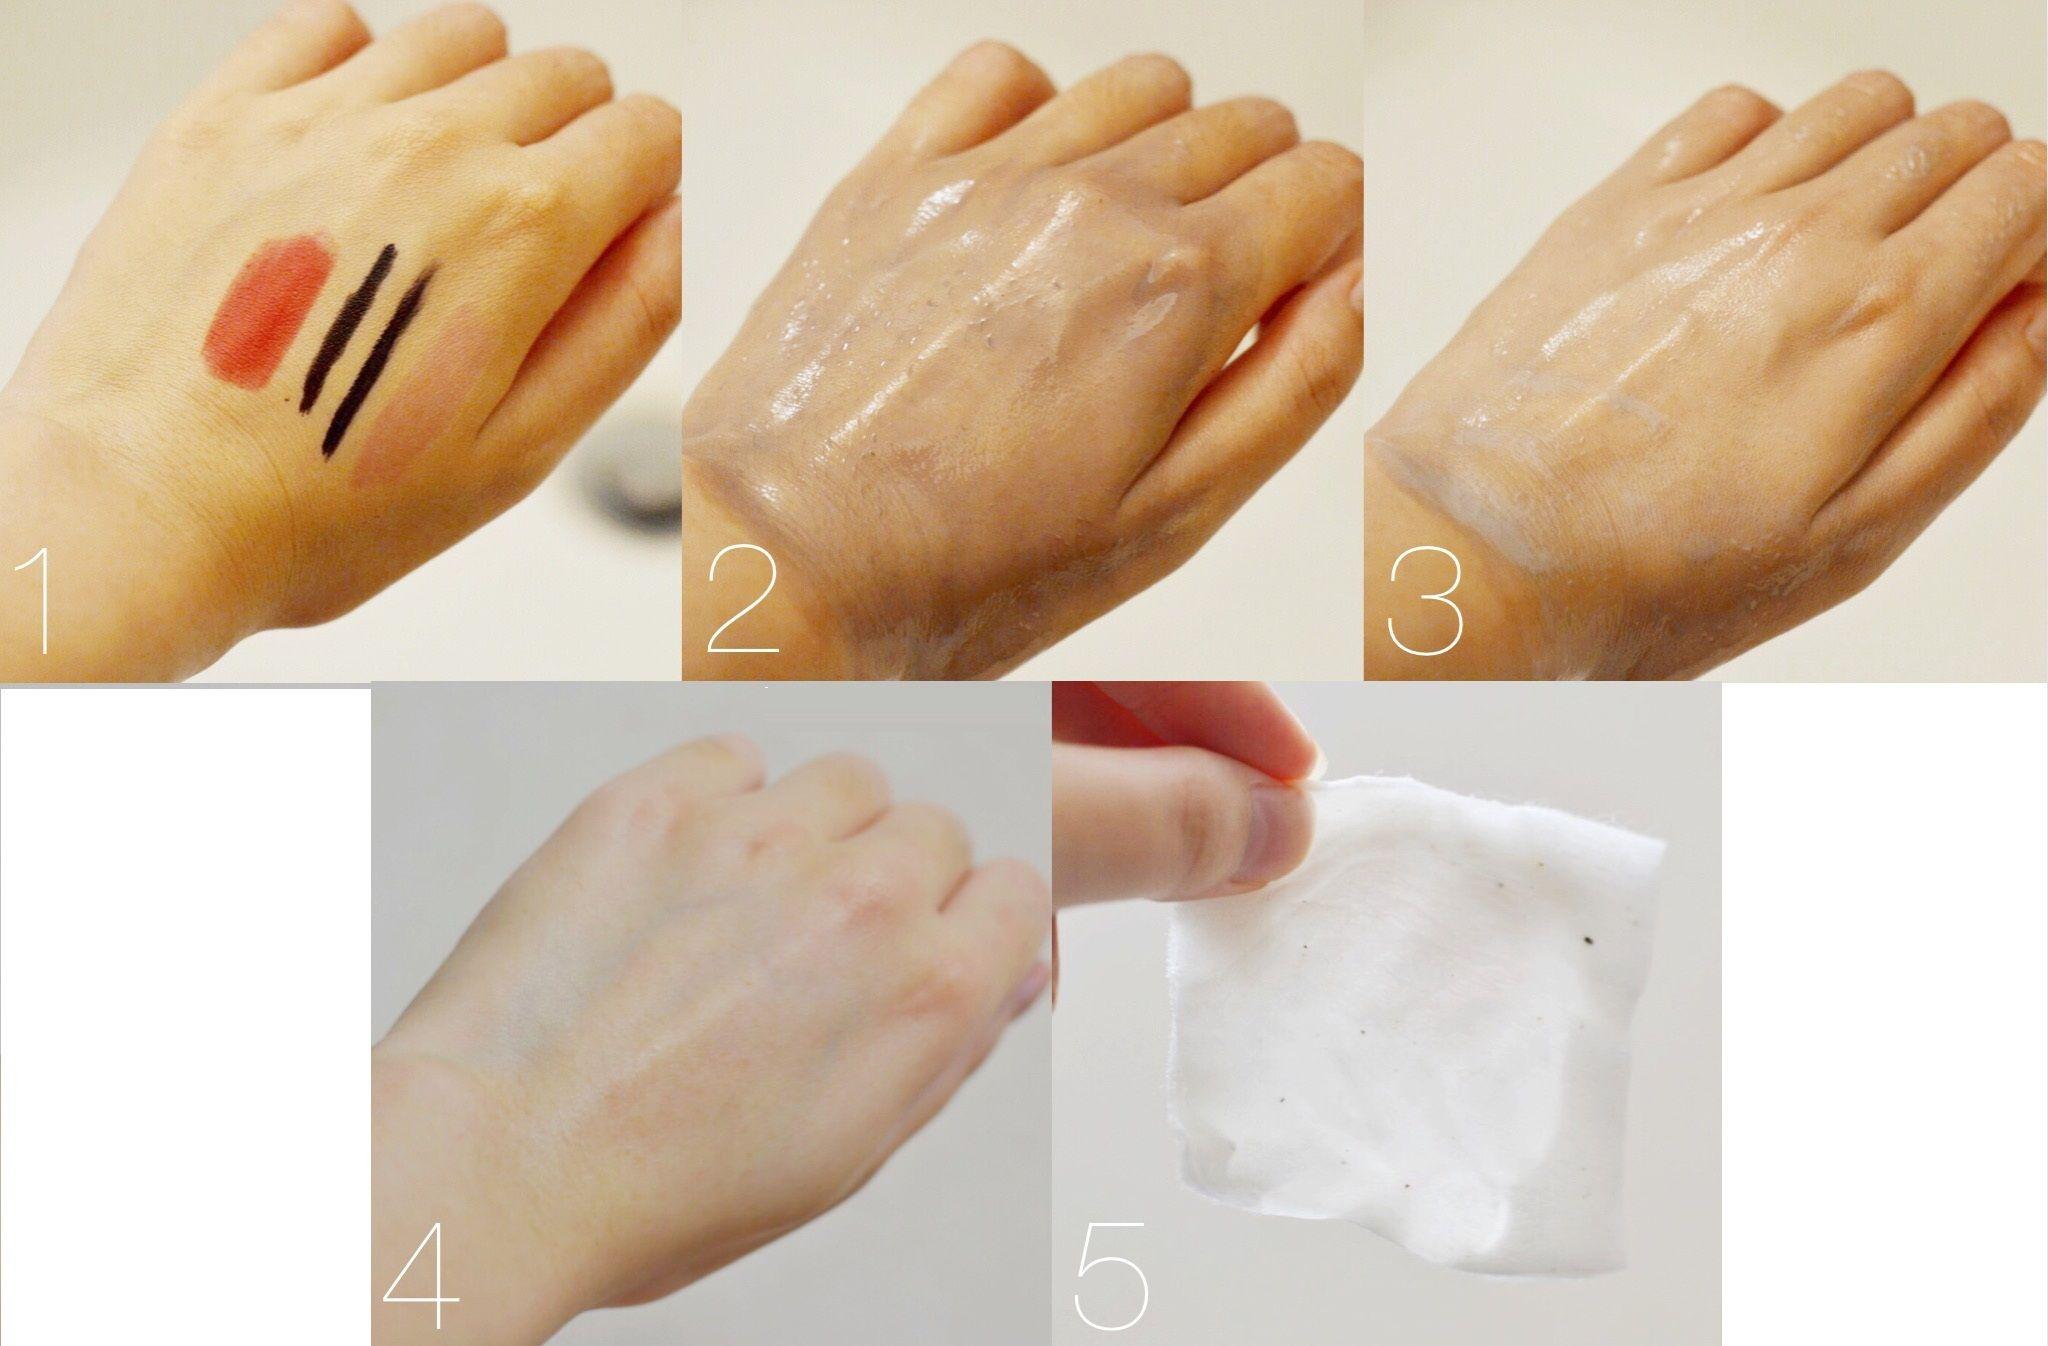 Tẩy trang Muji Oil Cleansing chuyển thành dạng sữa sau khi thêm nước, không nhiều và rất dễ rửa sạch bằng nước, không để lại nhờn dính trên da